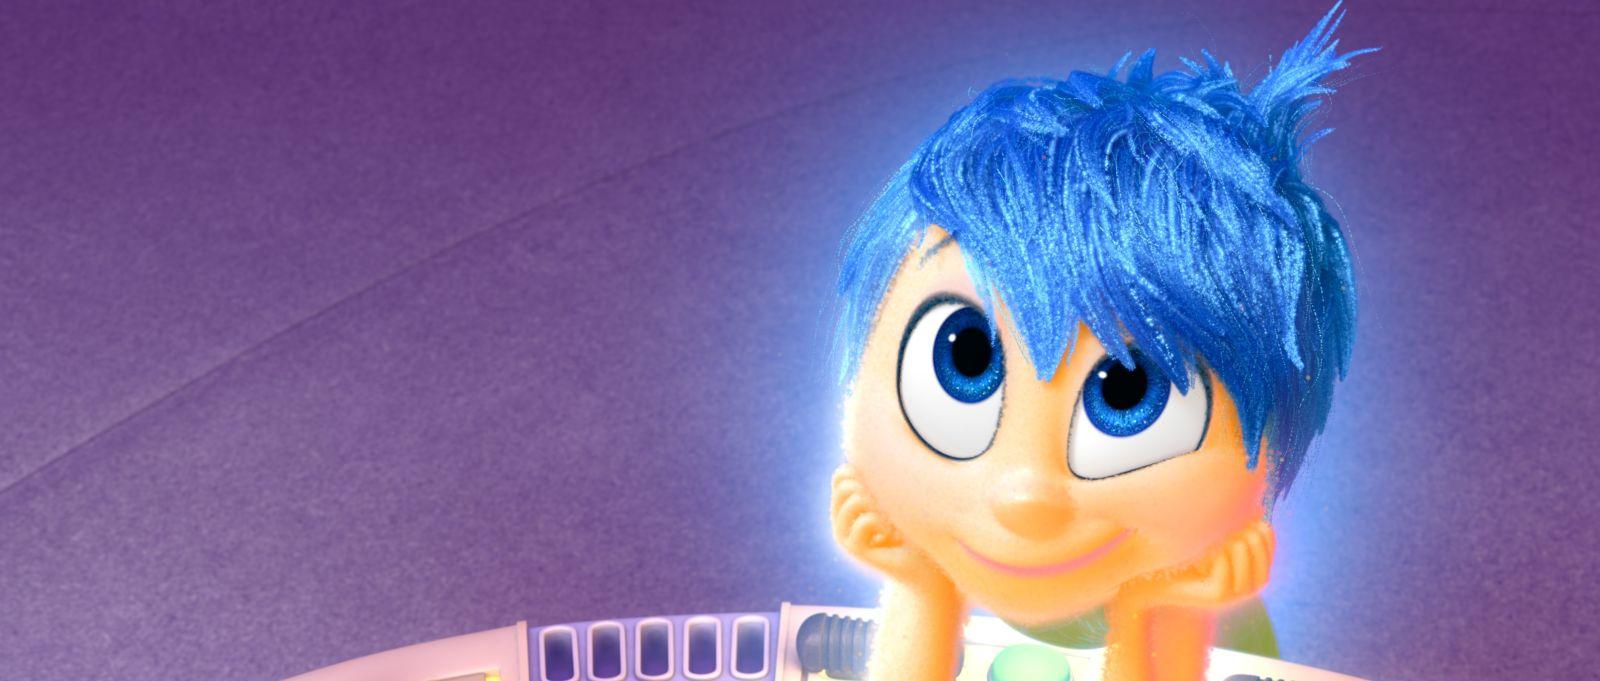 (©2015 Disney•Pixar)